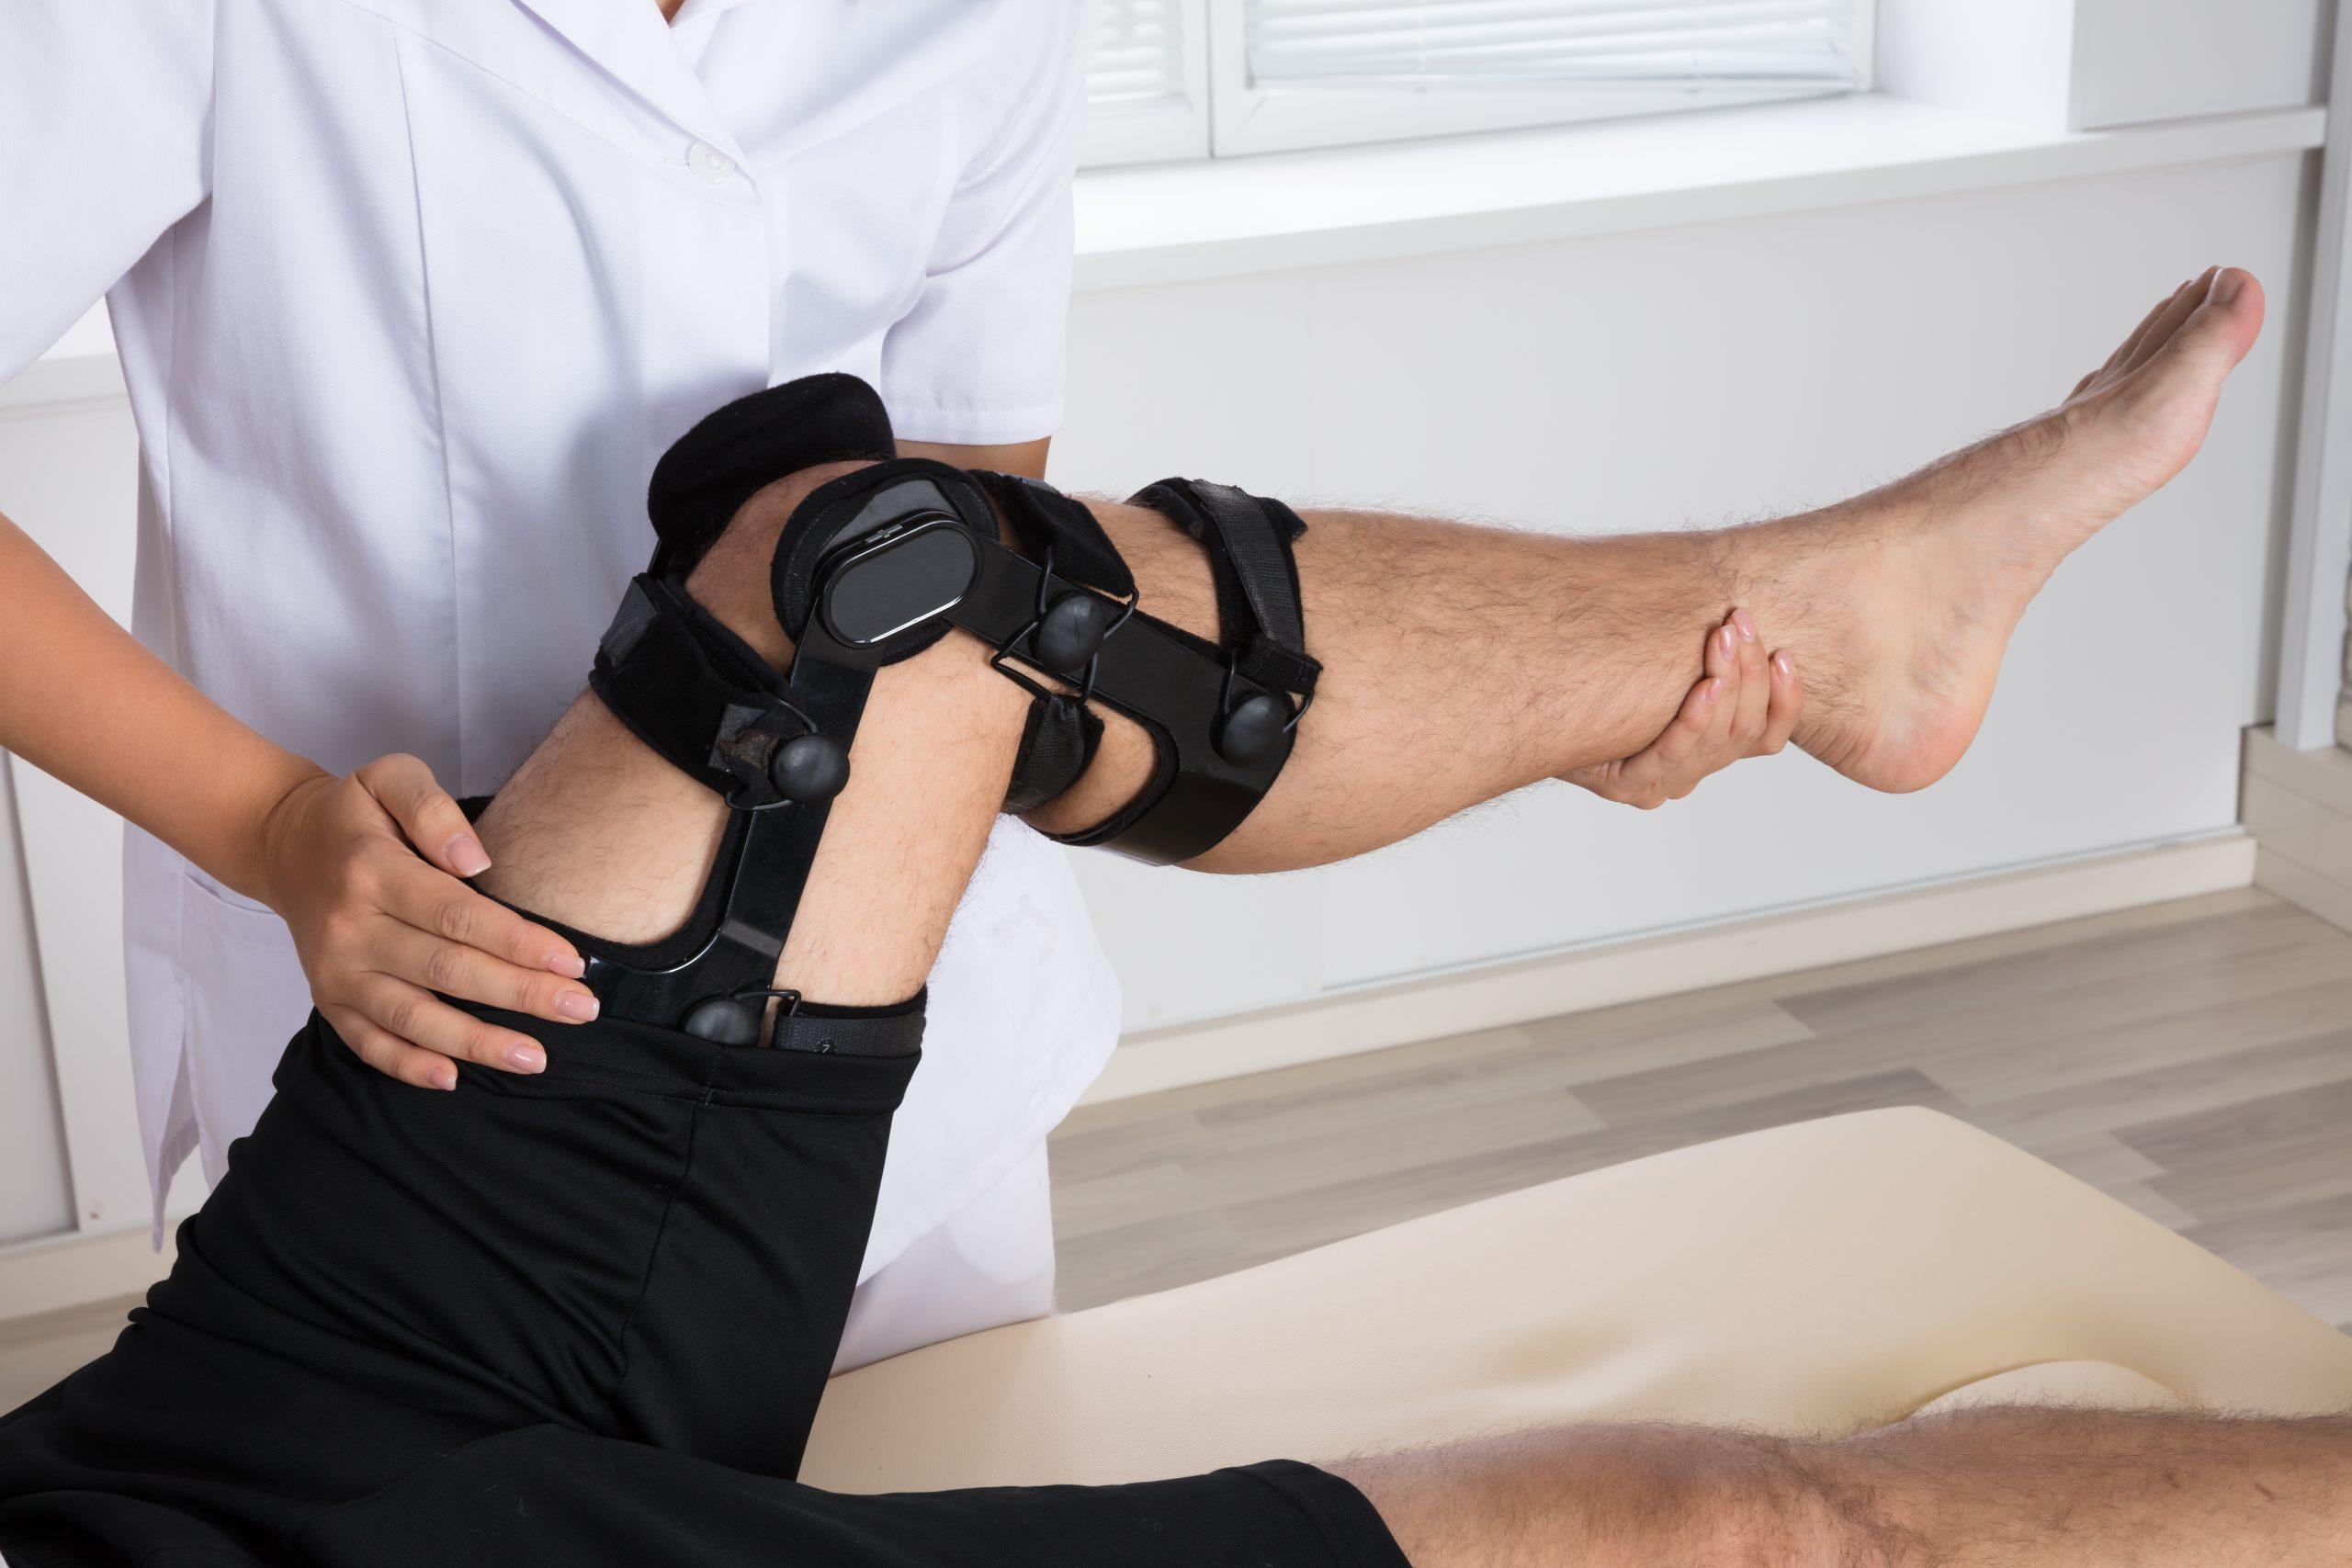 Il freezing dell'andatura migliorato attraverso il trattamento del ginocchio recurvato: una possibile modulazione periferica di un meccanismo centrale.